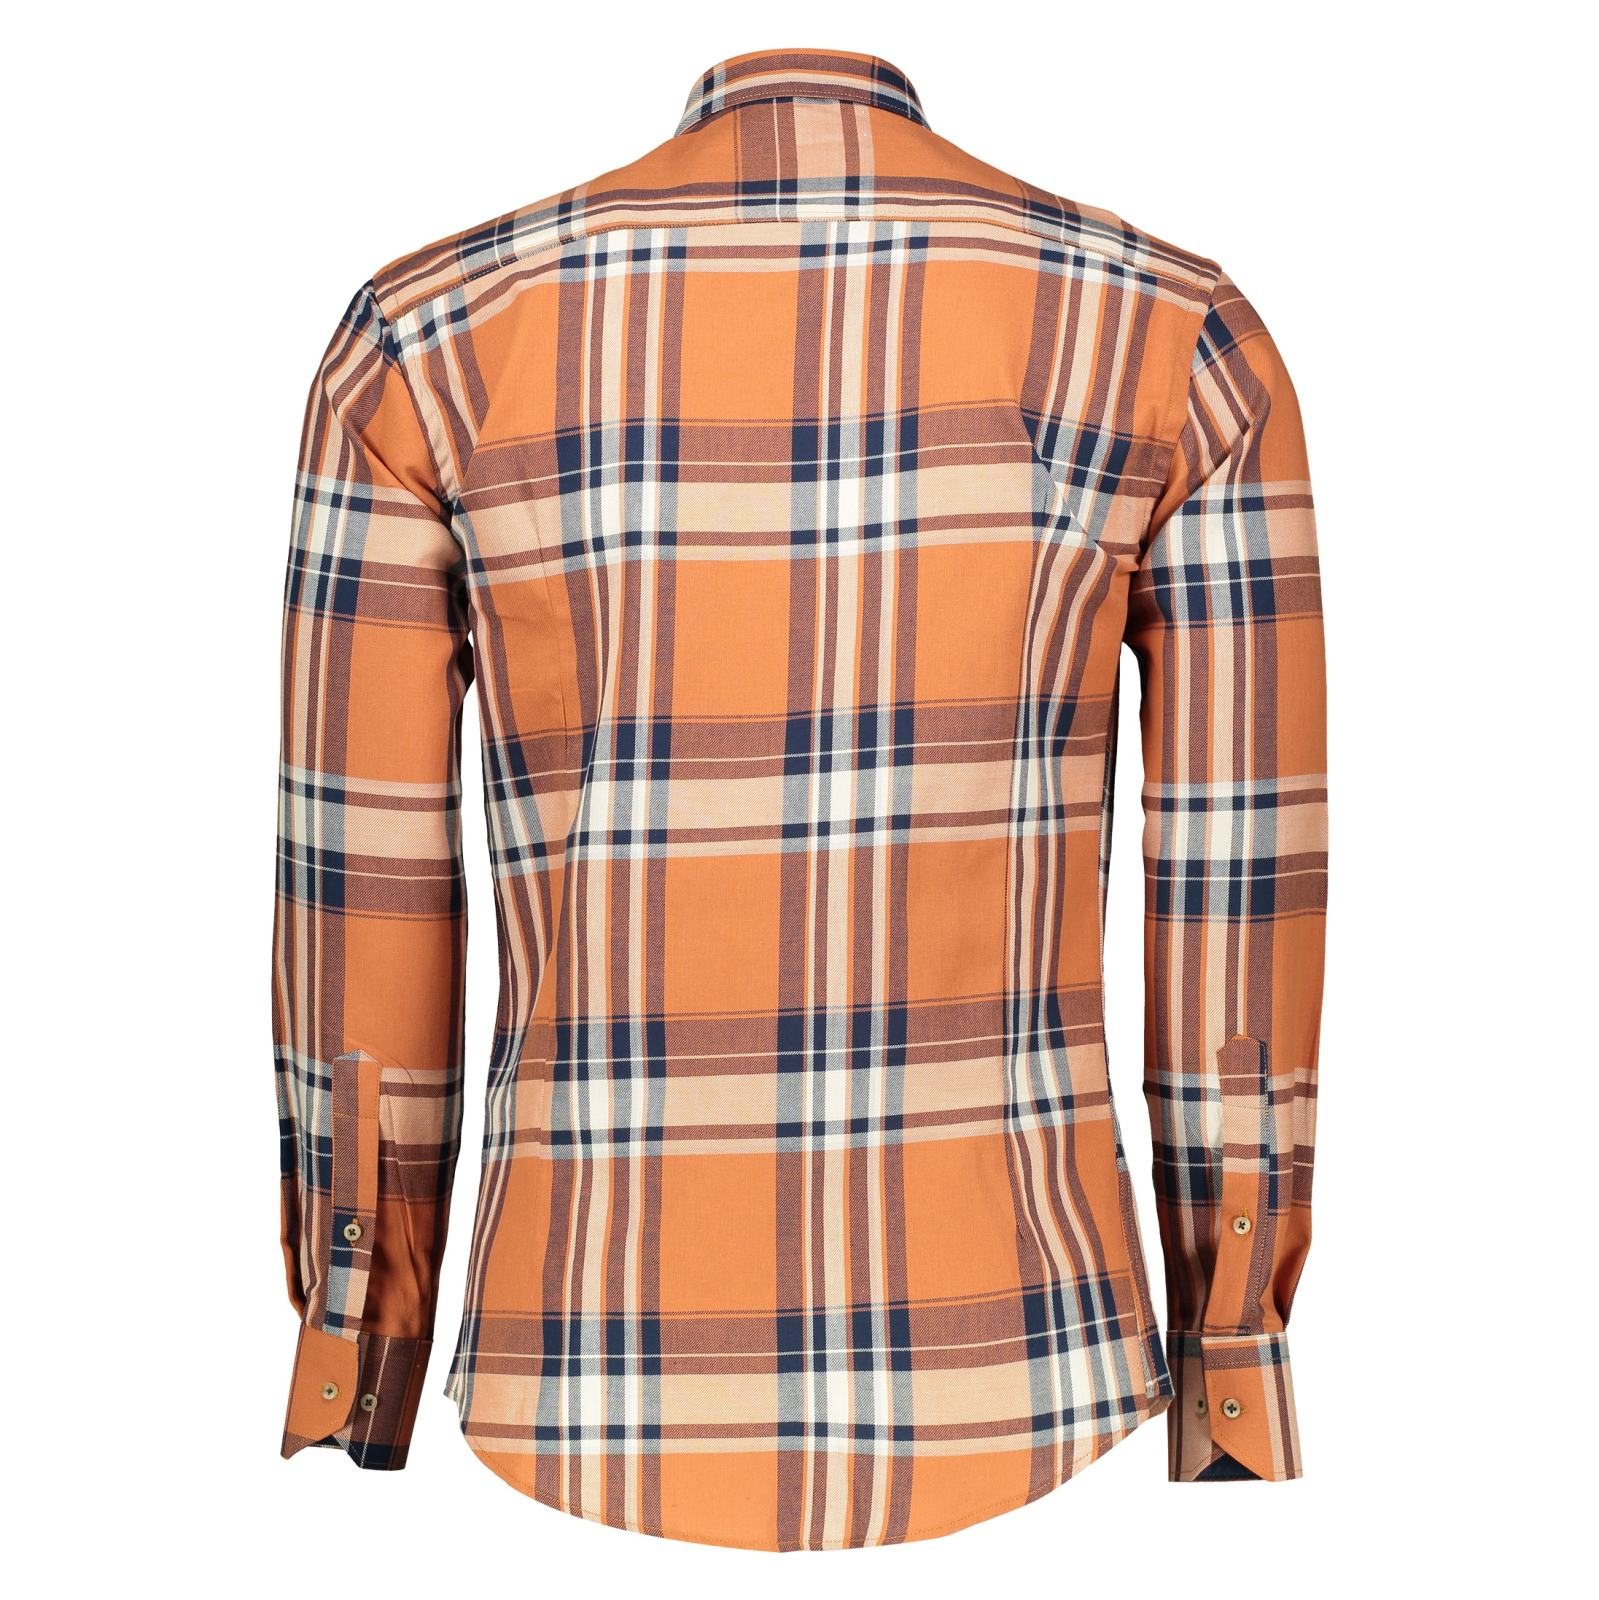 پیراهن مردانه زی مدل 153114023 main 1 3